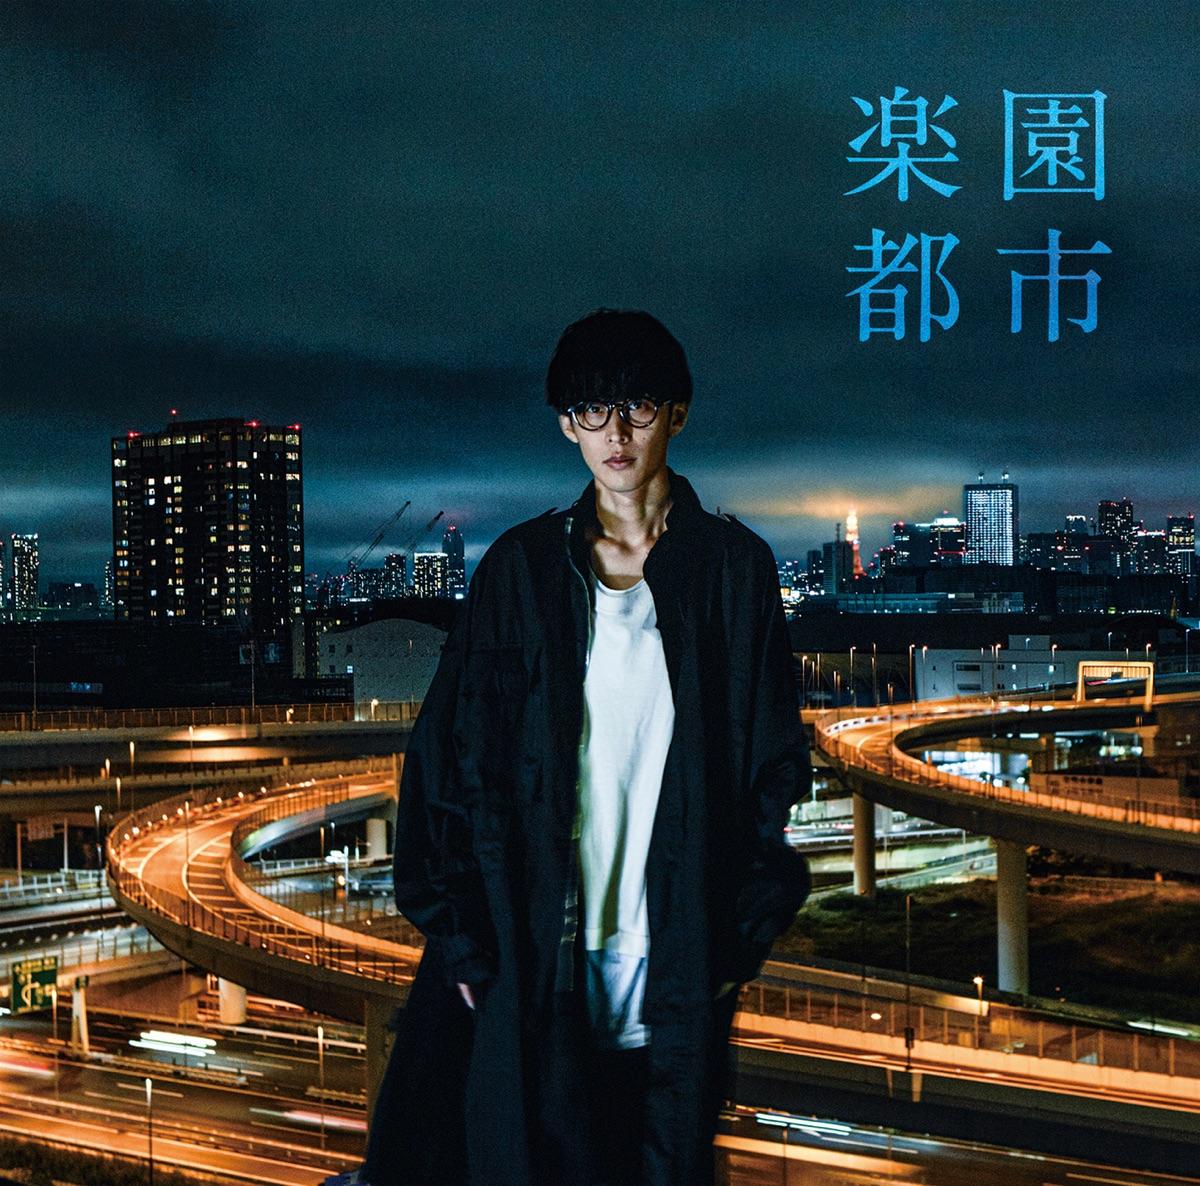 『オーイシマサヨシ - 楽園都市』収録の『楽園都市』ジャケット